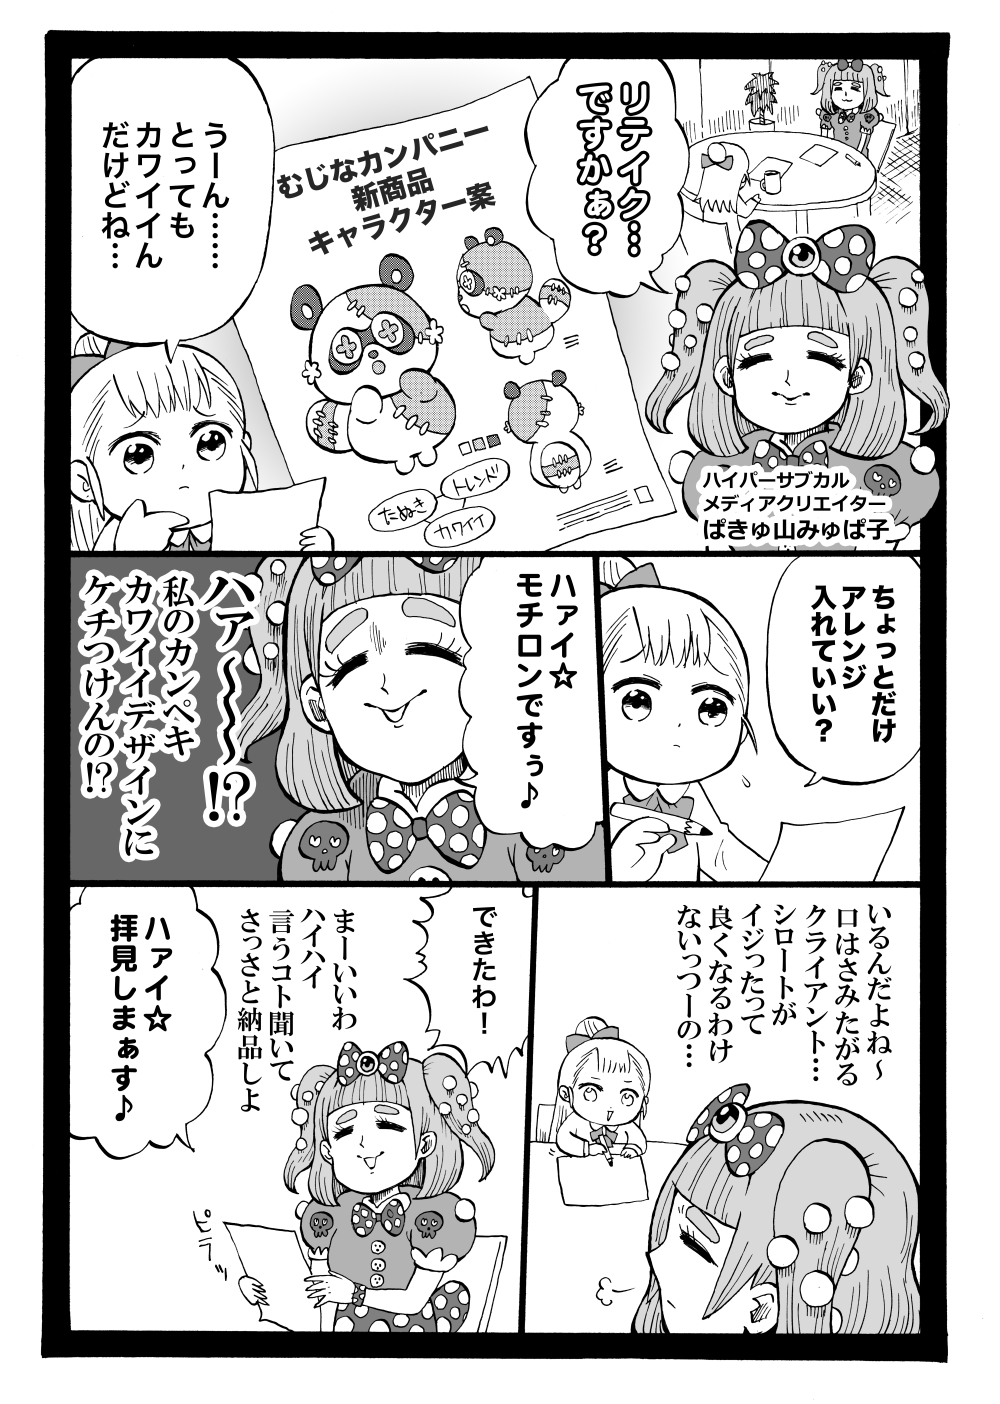 幼女社長(でざいん(単行本収録))